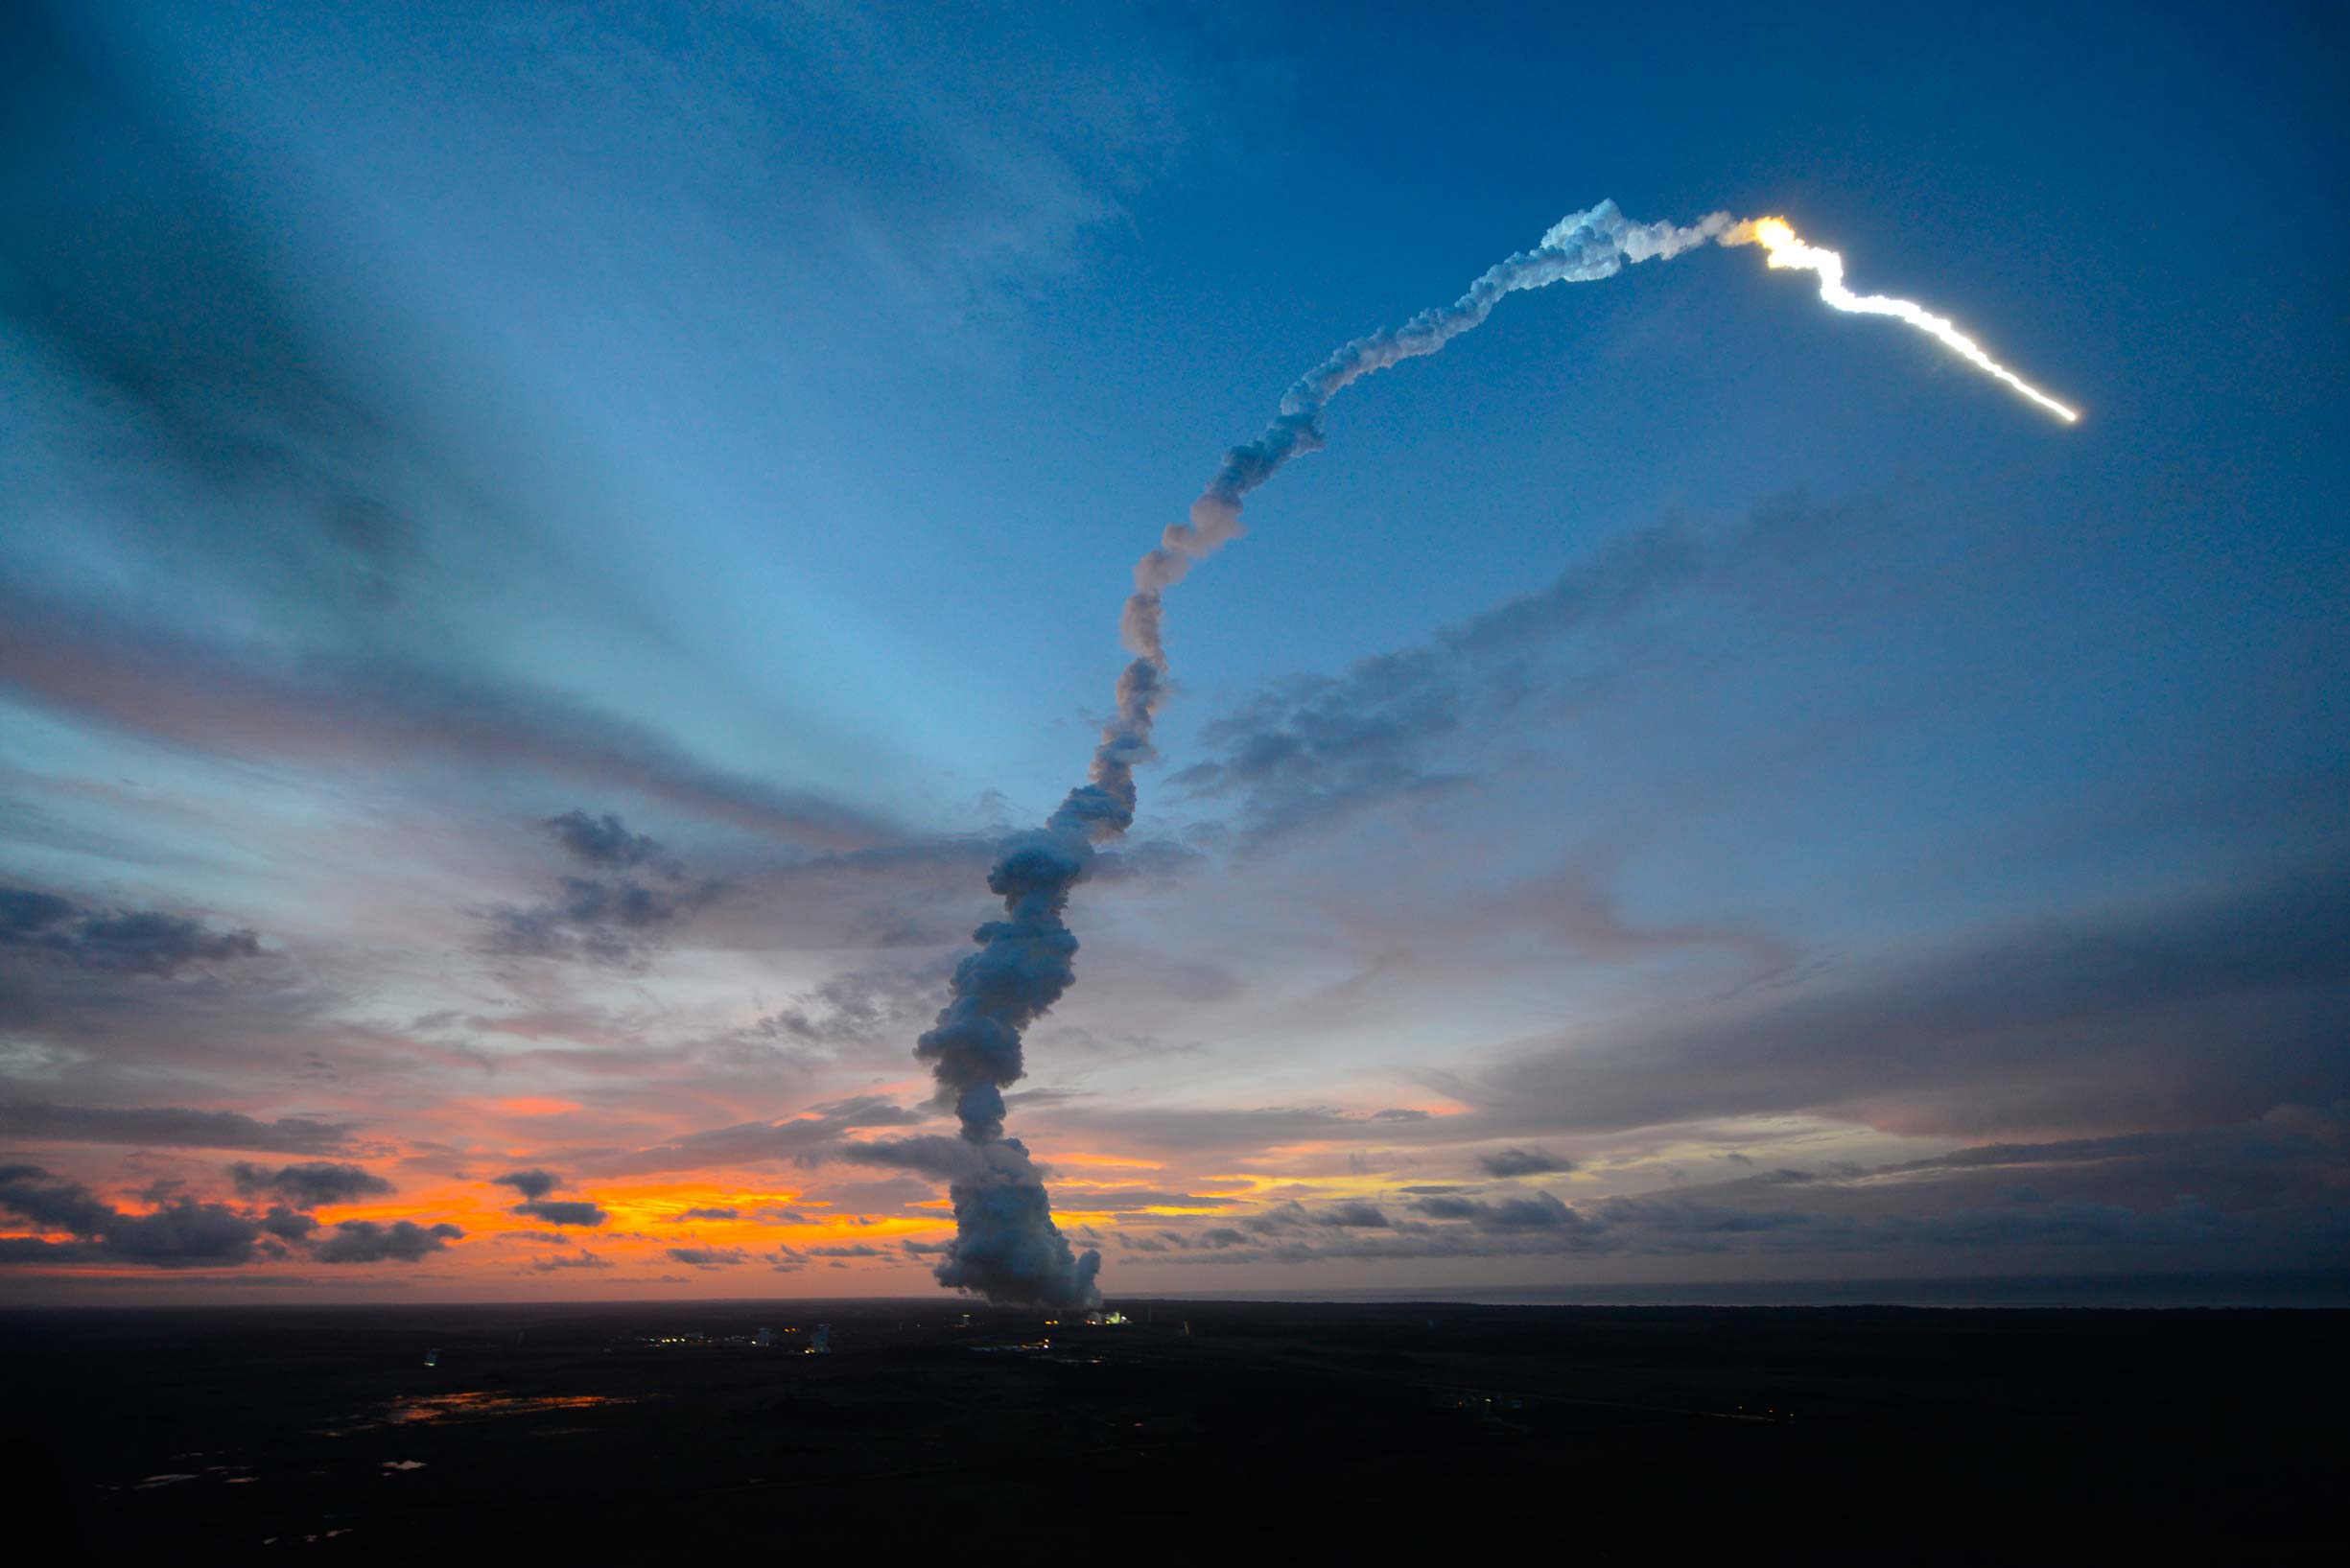 """""""ATV-4 Albert Einstein lifts off from Kourou (1)"""" by DLR German Aerospace Center; ESA/S. Corvaja - Ariane 5 / ATV-4 """"Albert Einstein"""". Licensed under CC BY 2.0 via Wikimedia Commons - https://commons.wikimedia.org/wiki/File:ATV-4_Albert_Einstein_lifts_off_from_Kourou_(1).jpg#/media/File:ATV-4_Albert_Einstein_lifts_off_from_Kourou_(1).jpg"""